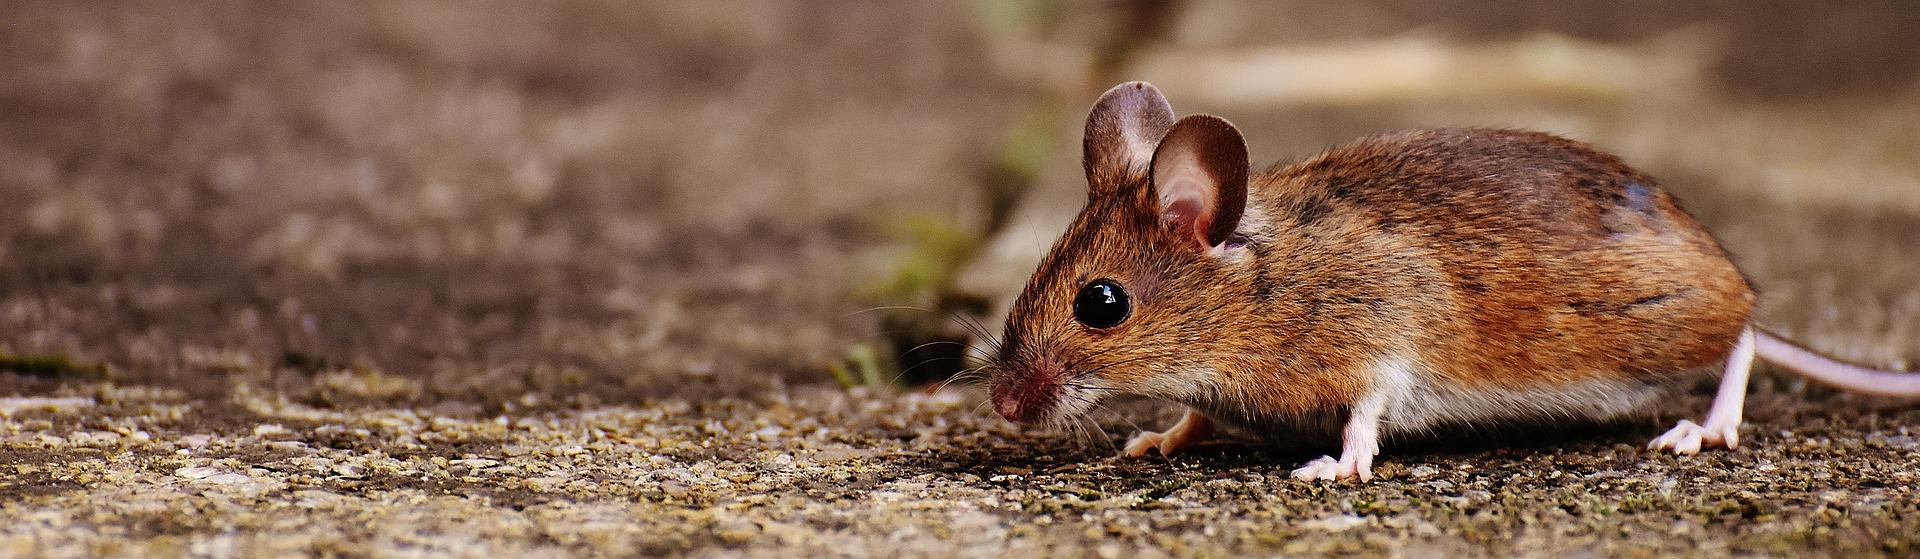 Myš v domě: Jak se zbavit nevítaného hosta